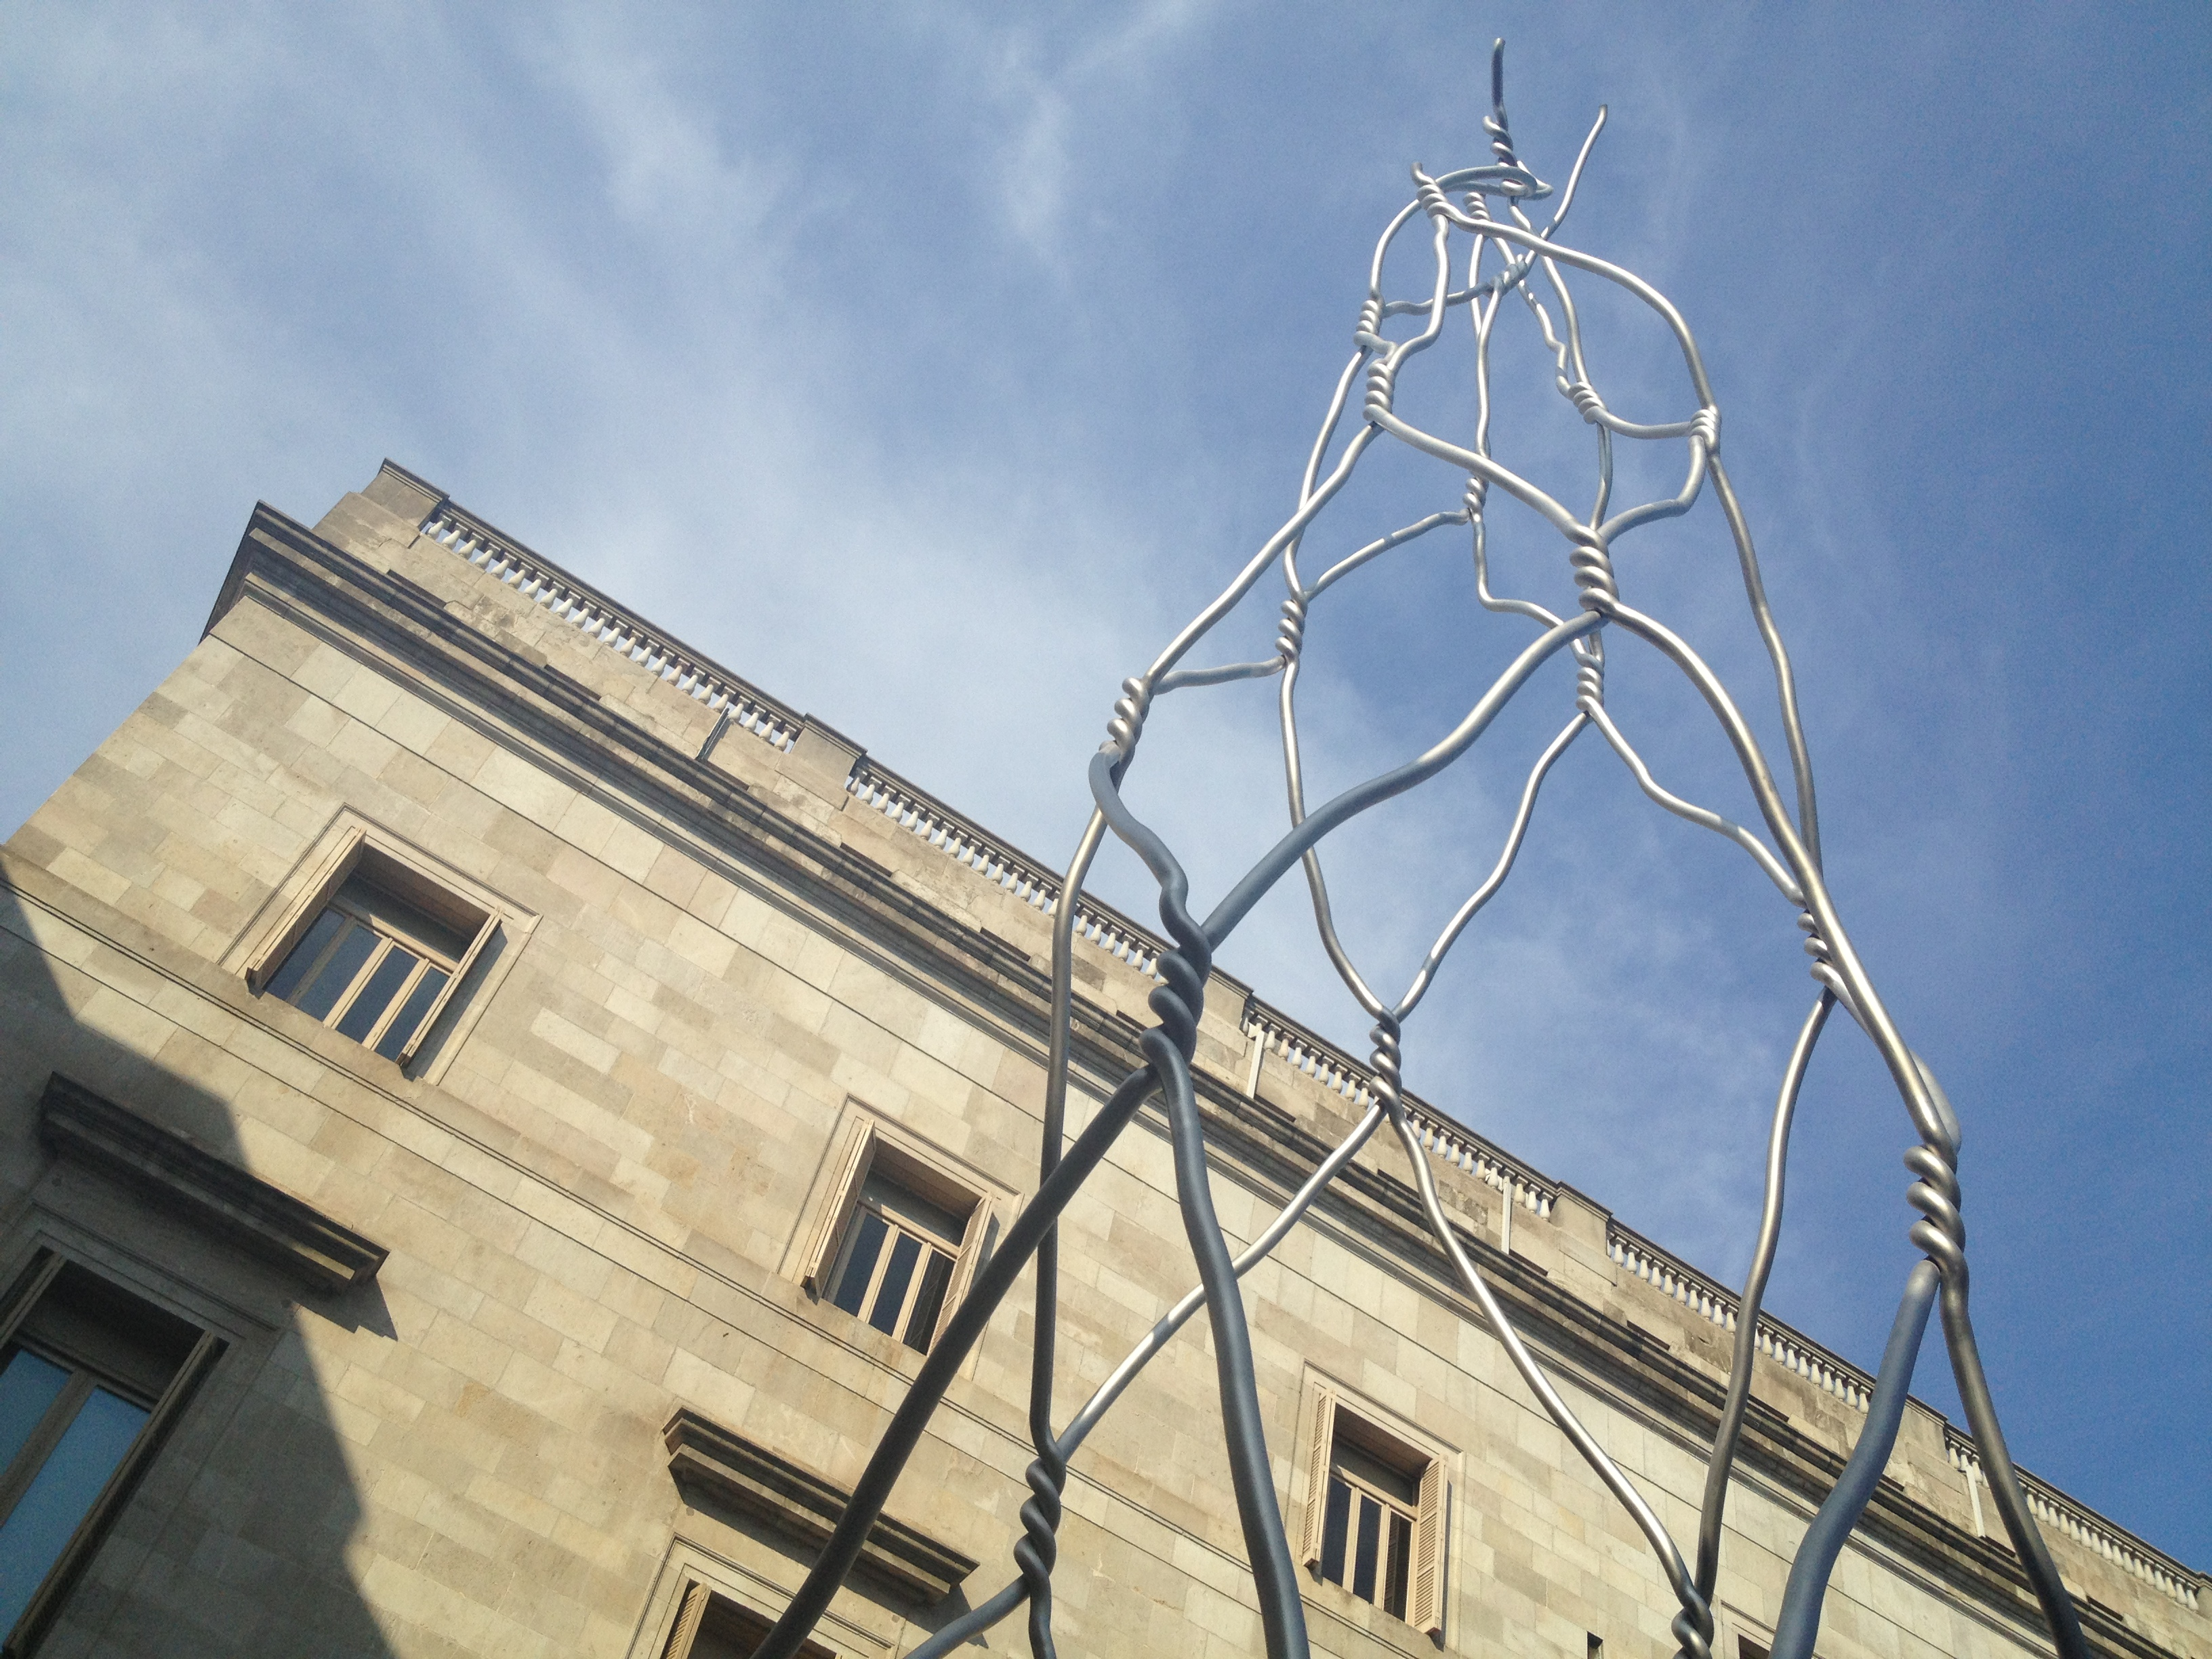 Homenatge als castellers by Antoni Llena Barcelona public art